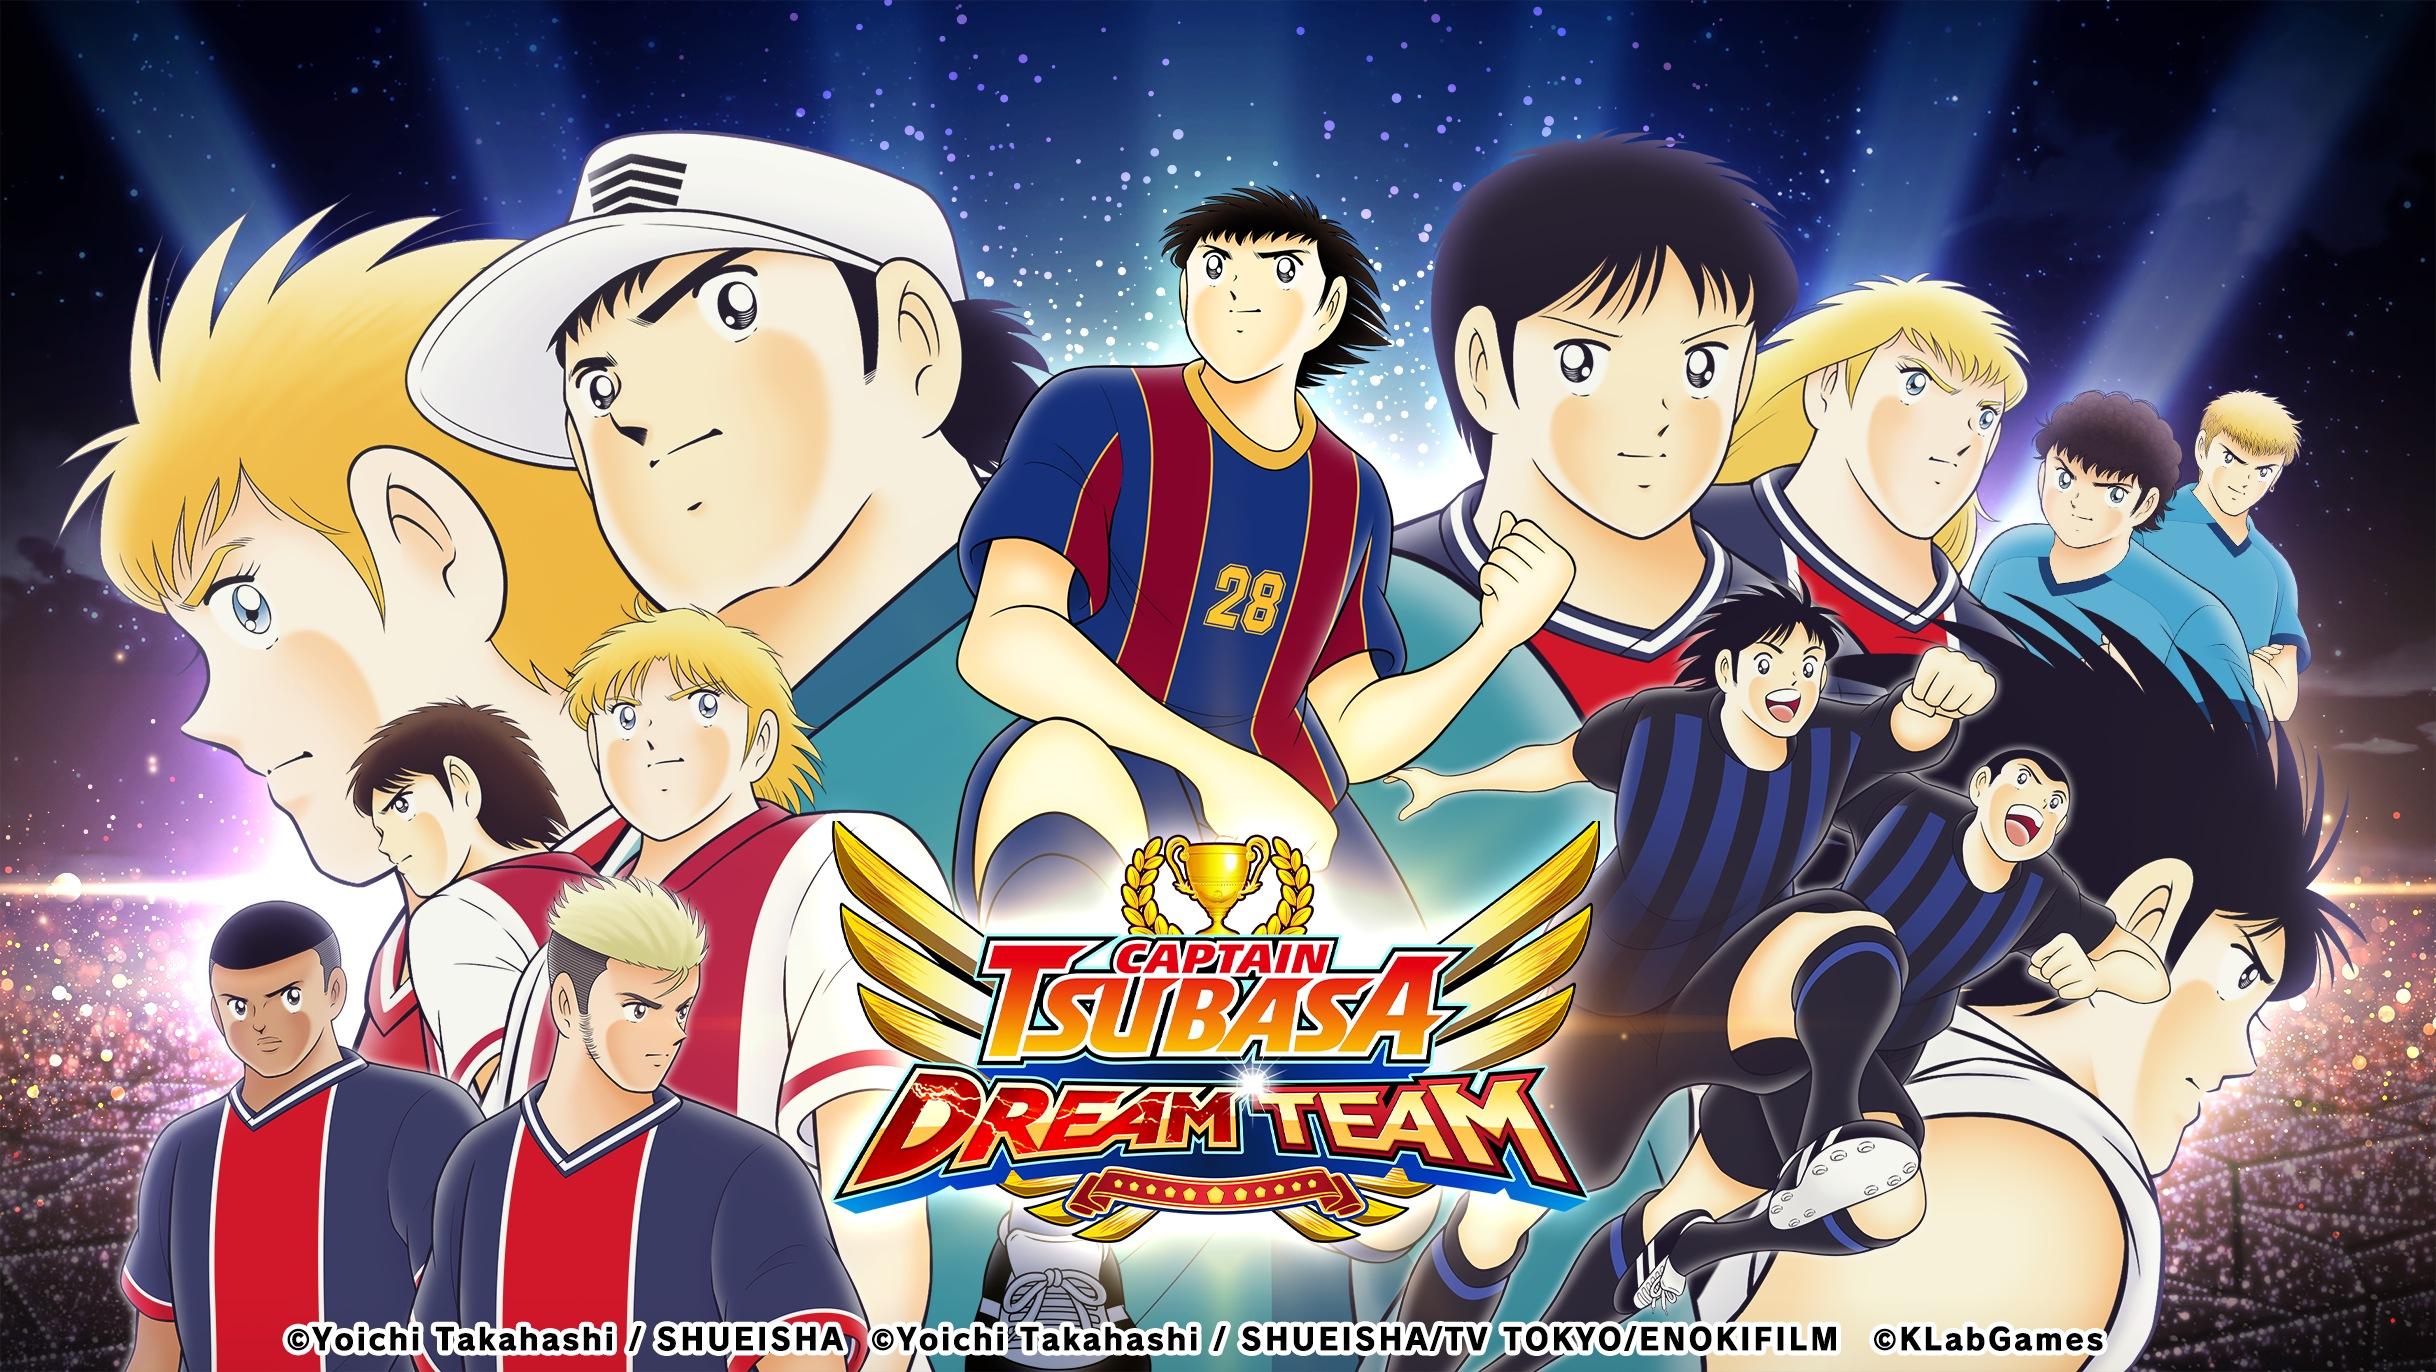 新故事問世!《足球小將翼:夢幻隊伍》新故事「NEXT DREAM」9月24日起於遊戲內推出!